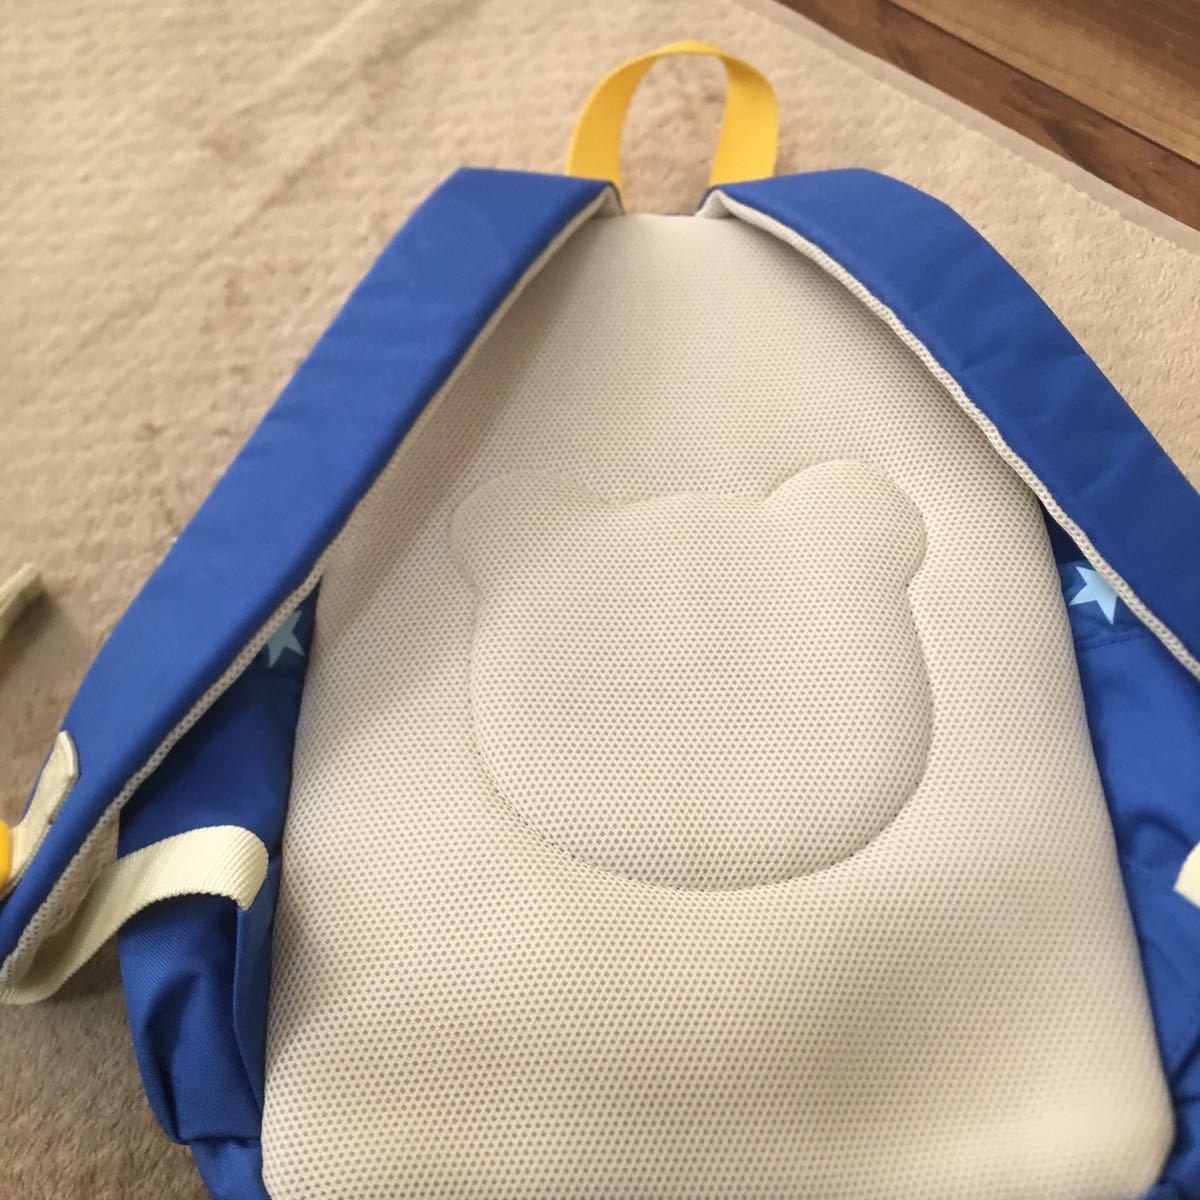 ミキハウス リュックサック 男の子 B級品 ホット ビスケッツ クマ 子供用 鞄 リュック_画像6